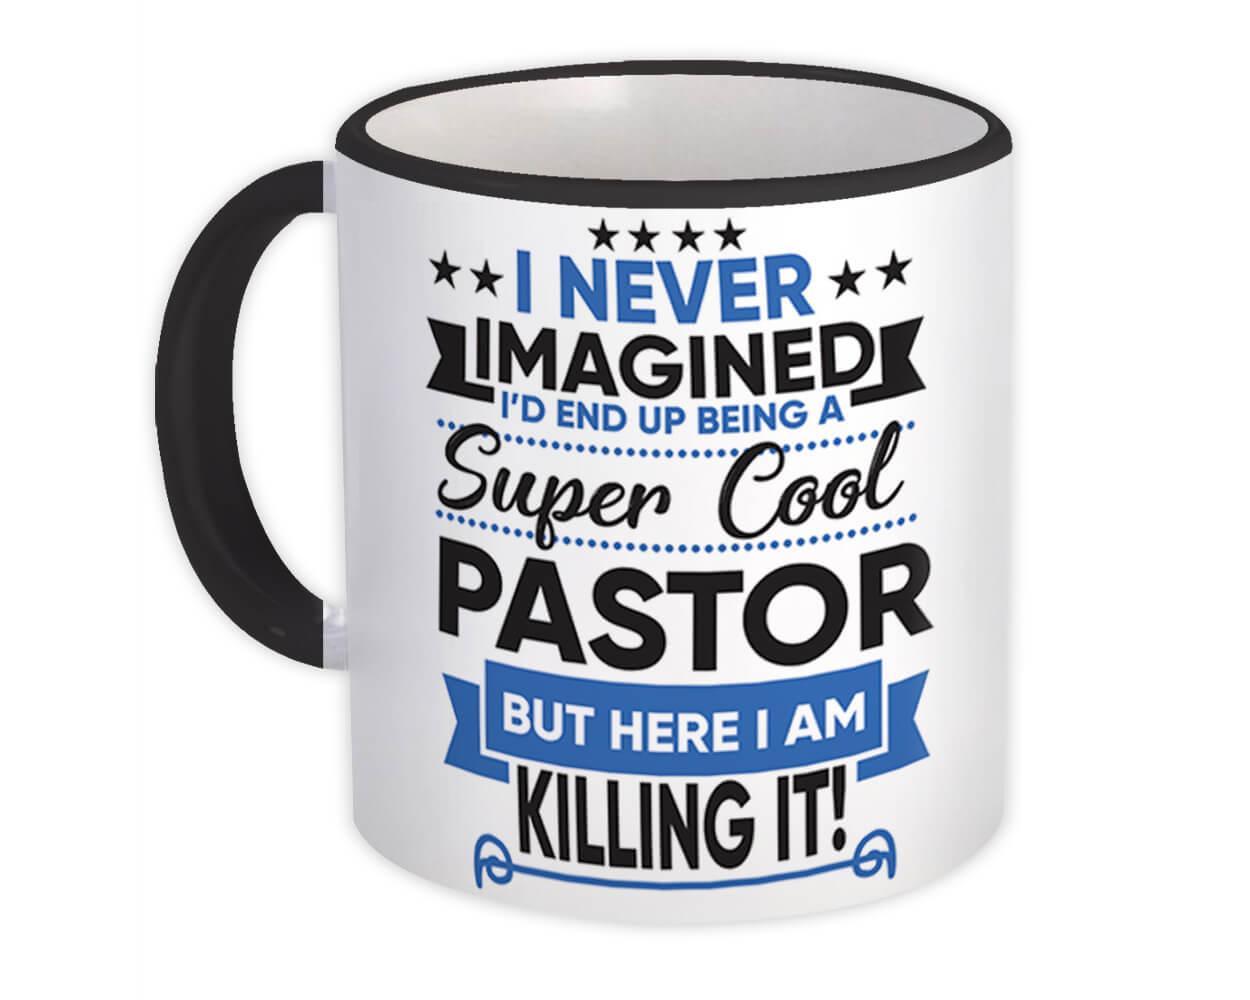 Super Cool Pastor : Gift Mug I Never Imagined Killing It Christian Evangelical Church